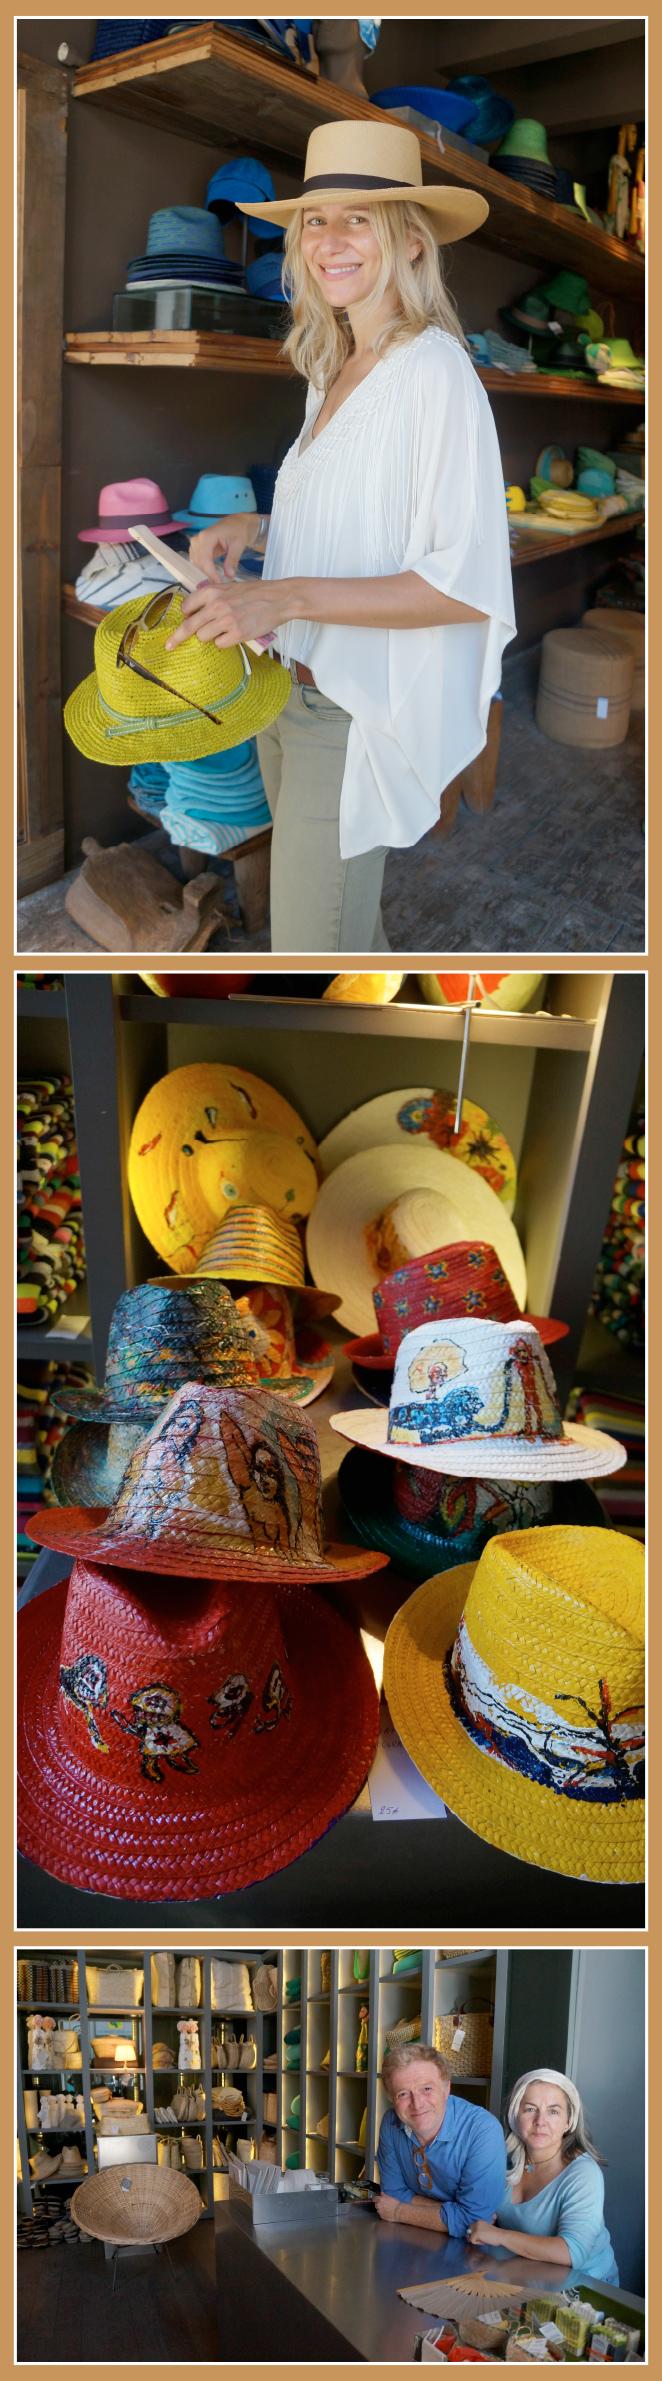 La tienda de sombreros Hats and Cats Lobotaste que está muy cerca del barrio de la Ribeira.